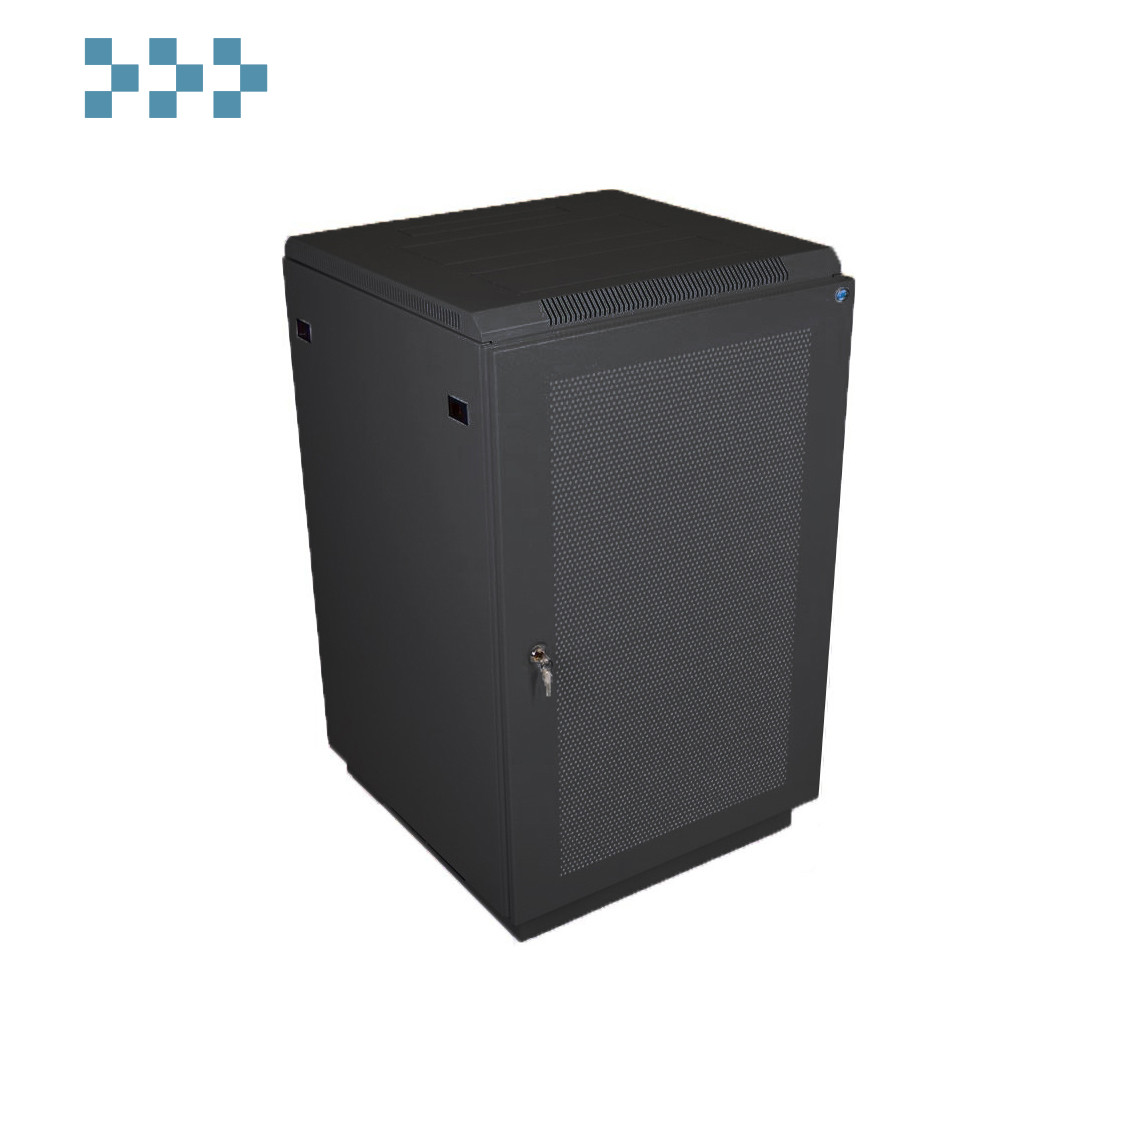 Шкаф телекоммуникационный напольный 27U ЦМО ШТК-М-27.6.10-44АА-9005